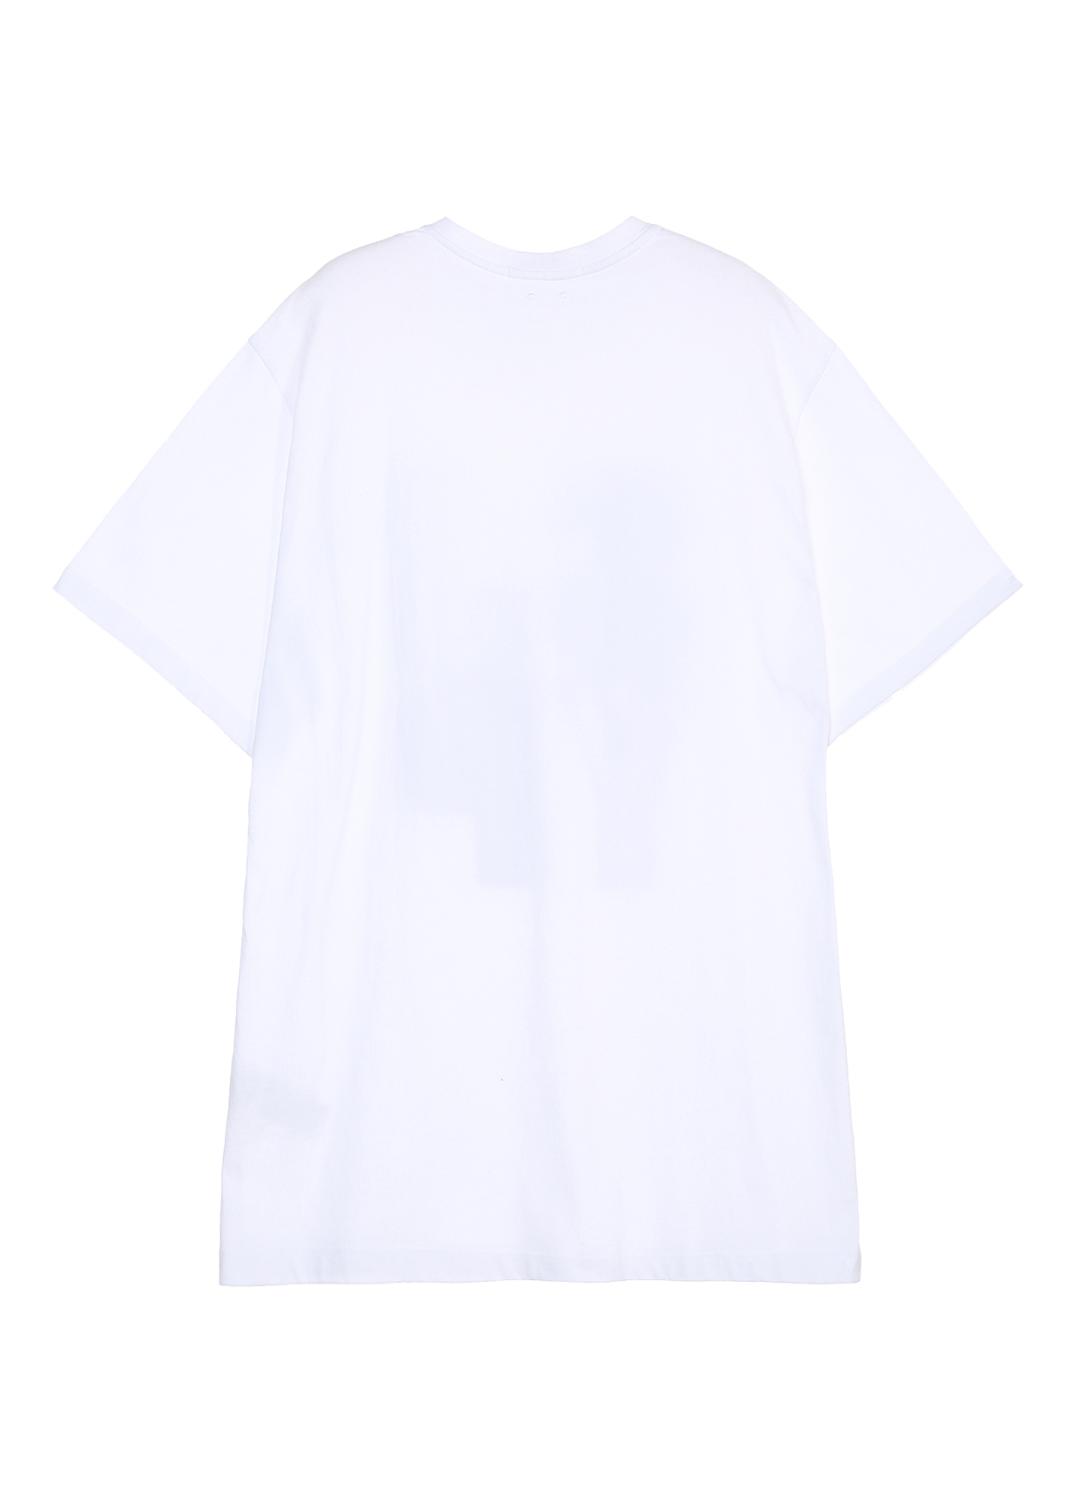 에스제이와이피(SJYP) [여성] 스트라이프 로고 반팔 티셔츠 PWMS1WX07900 001